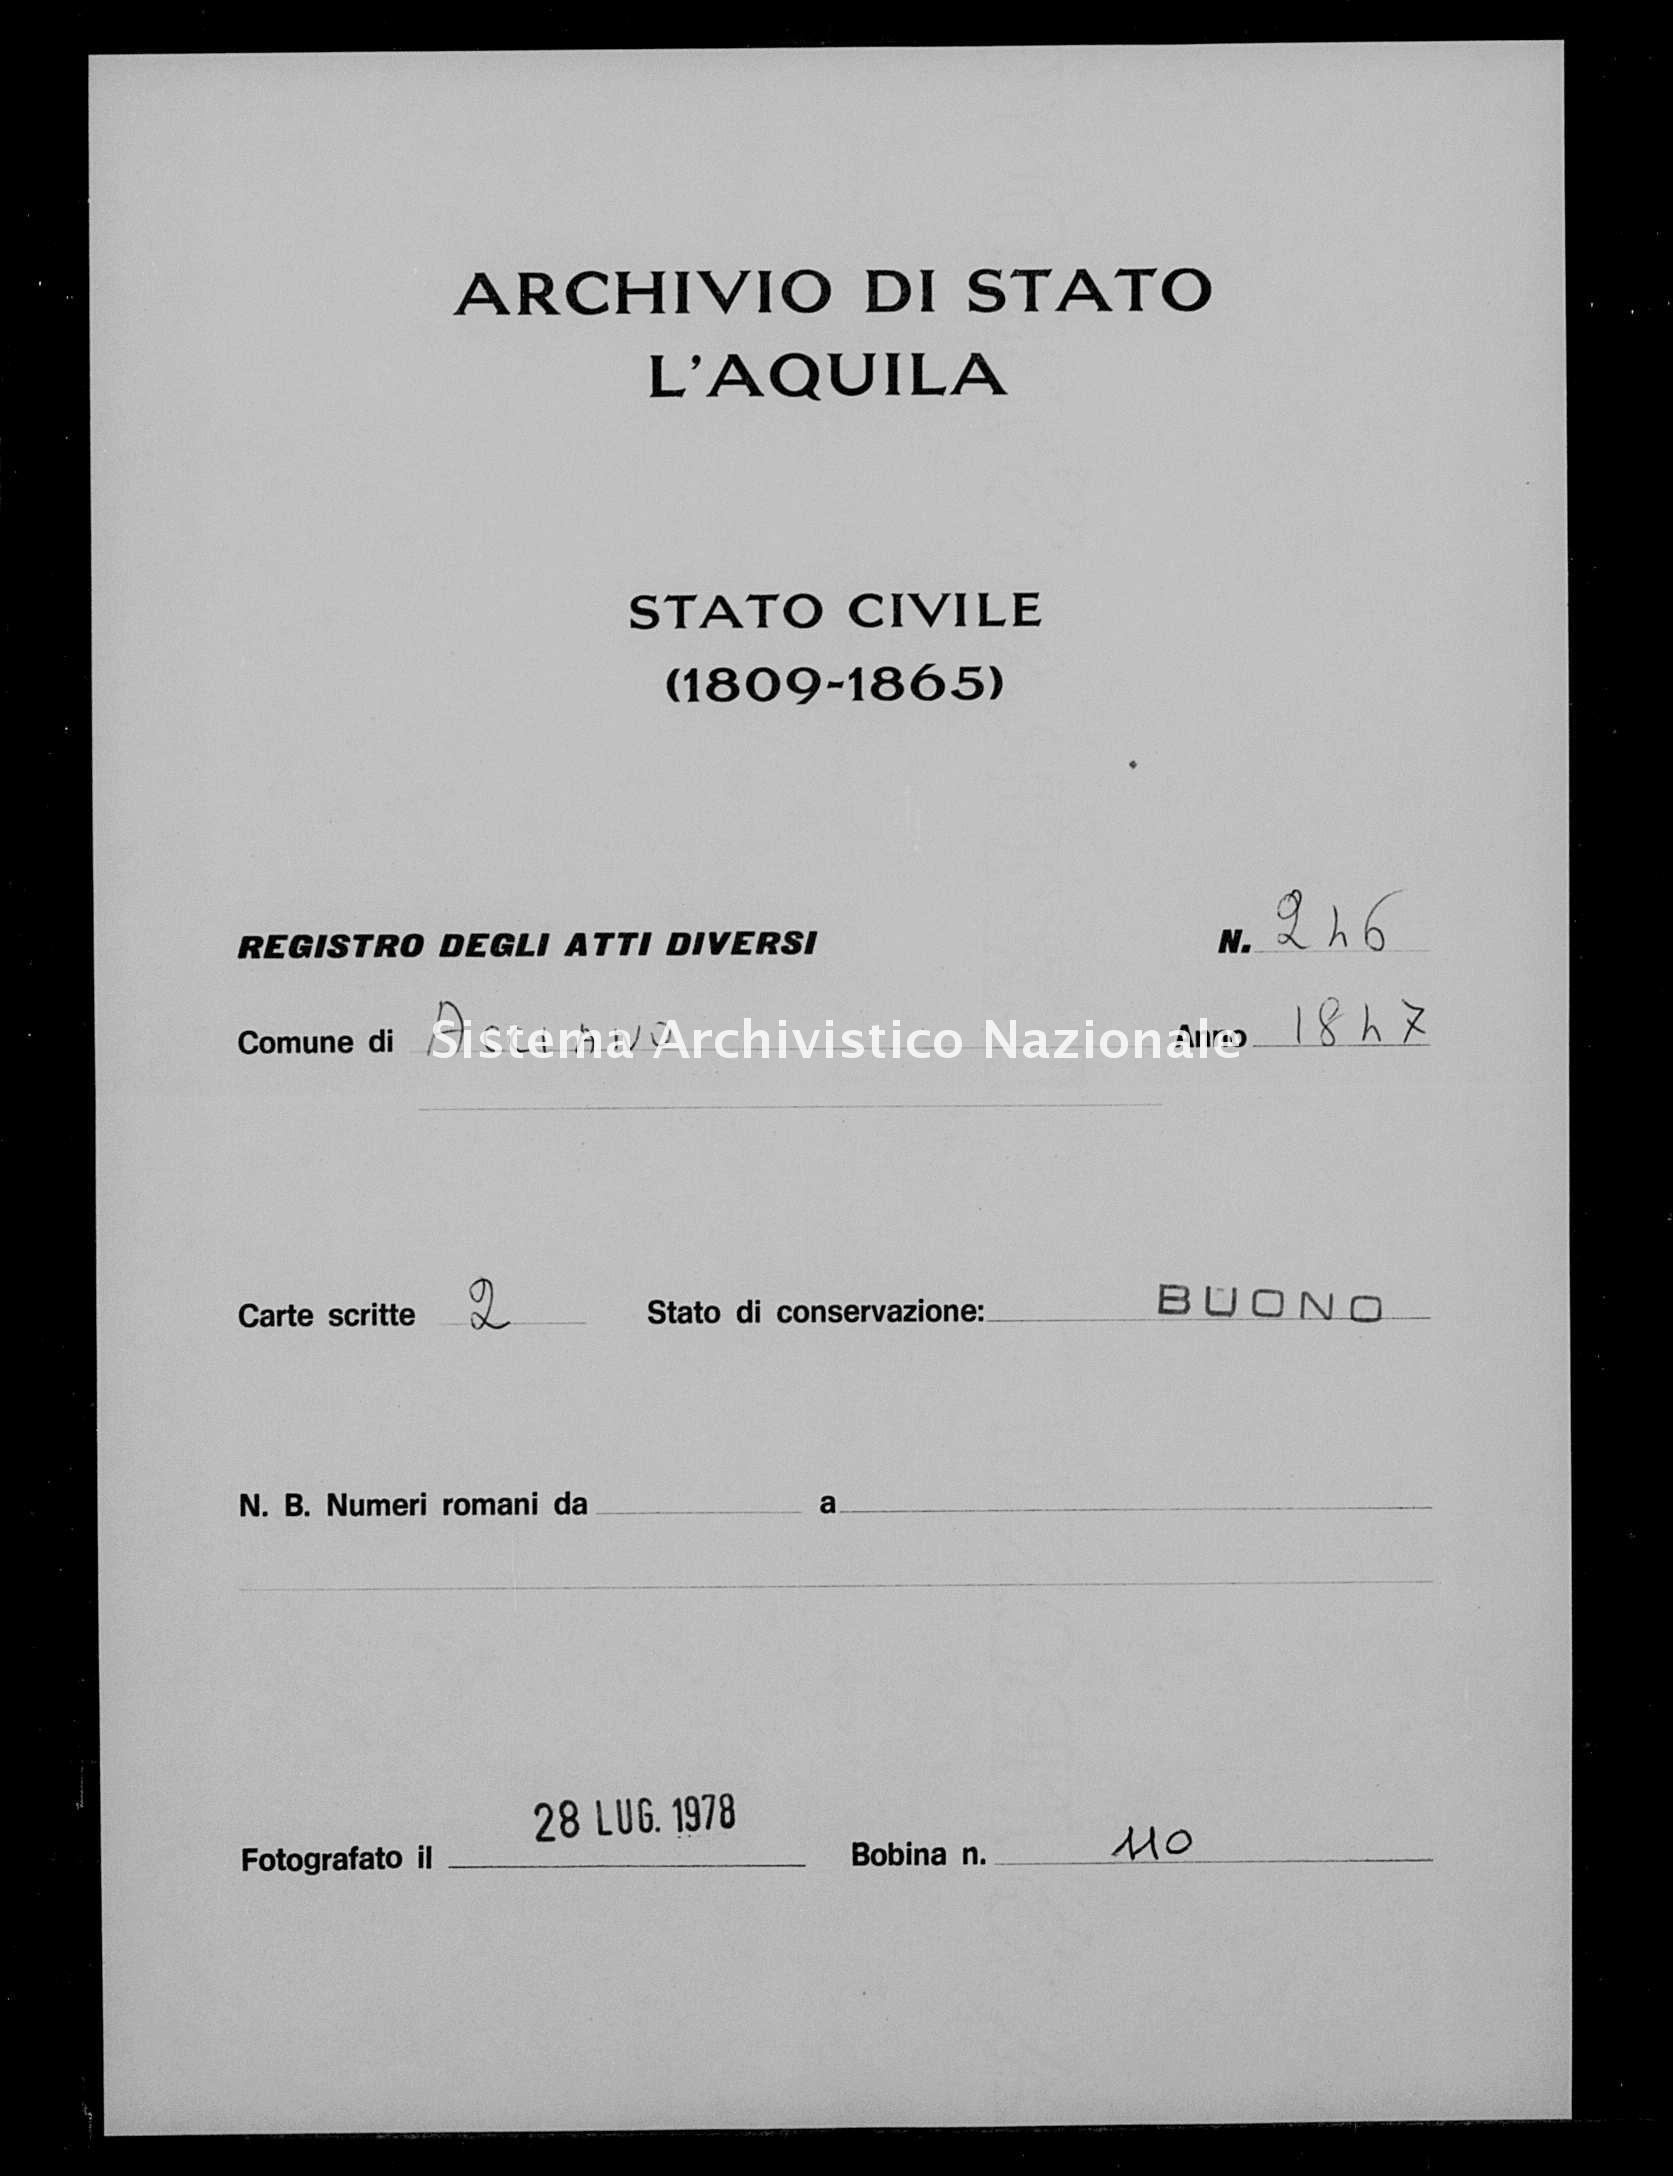 Archivio di stato di L'aquila - Stato civile della restaurazione - Acciano - Diversi - 1847 - 246 -